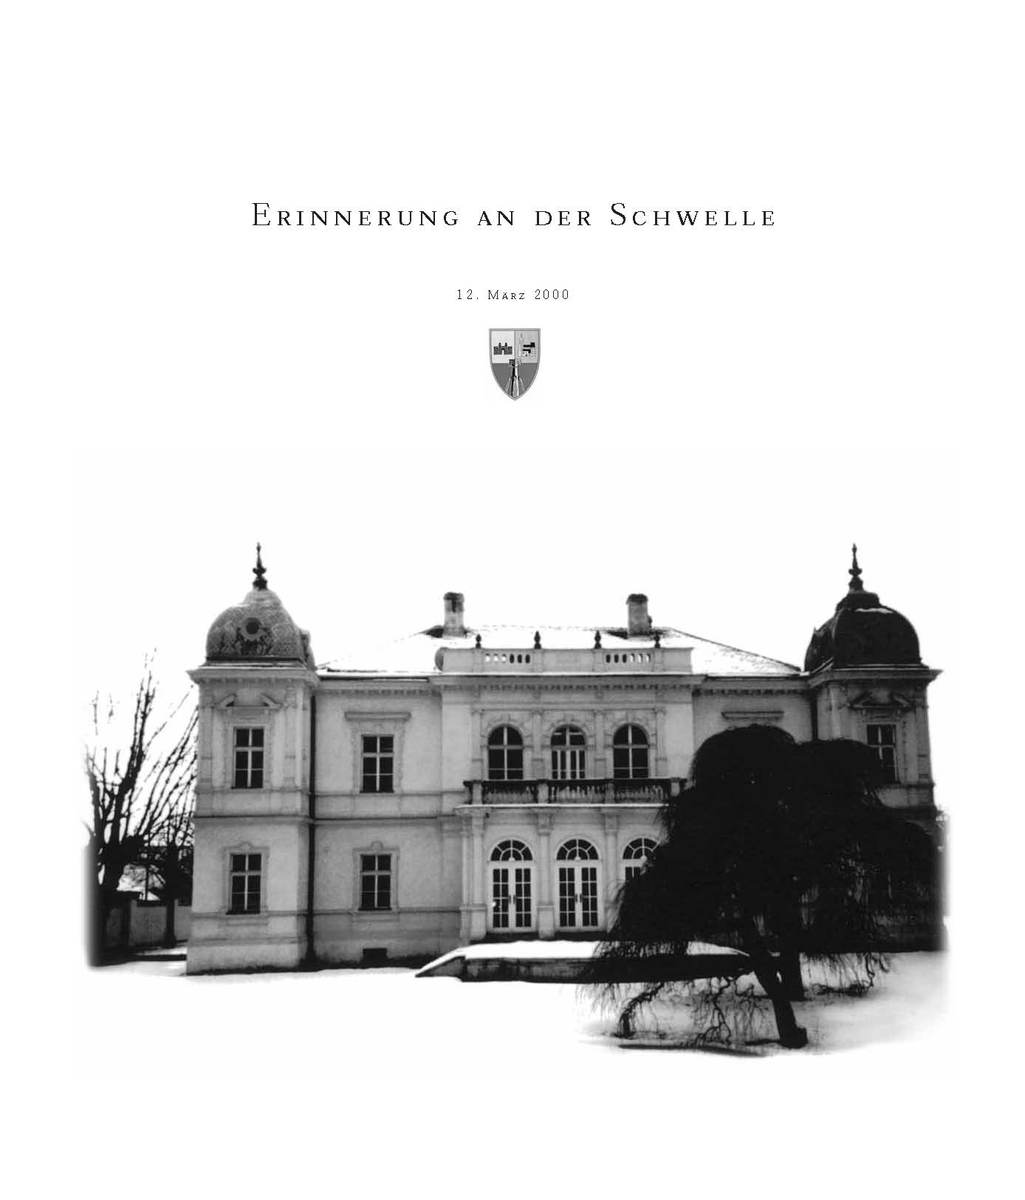 Hans Ernst Weidinger Erinnerung an der Schwelle kinck hans ernst italienere